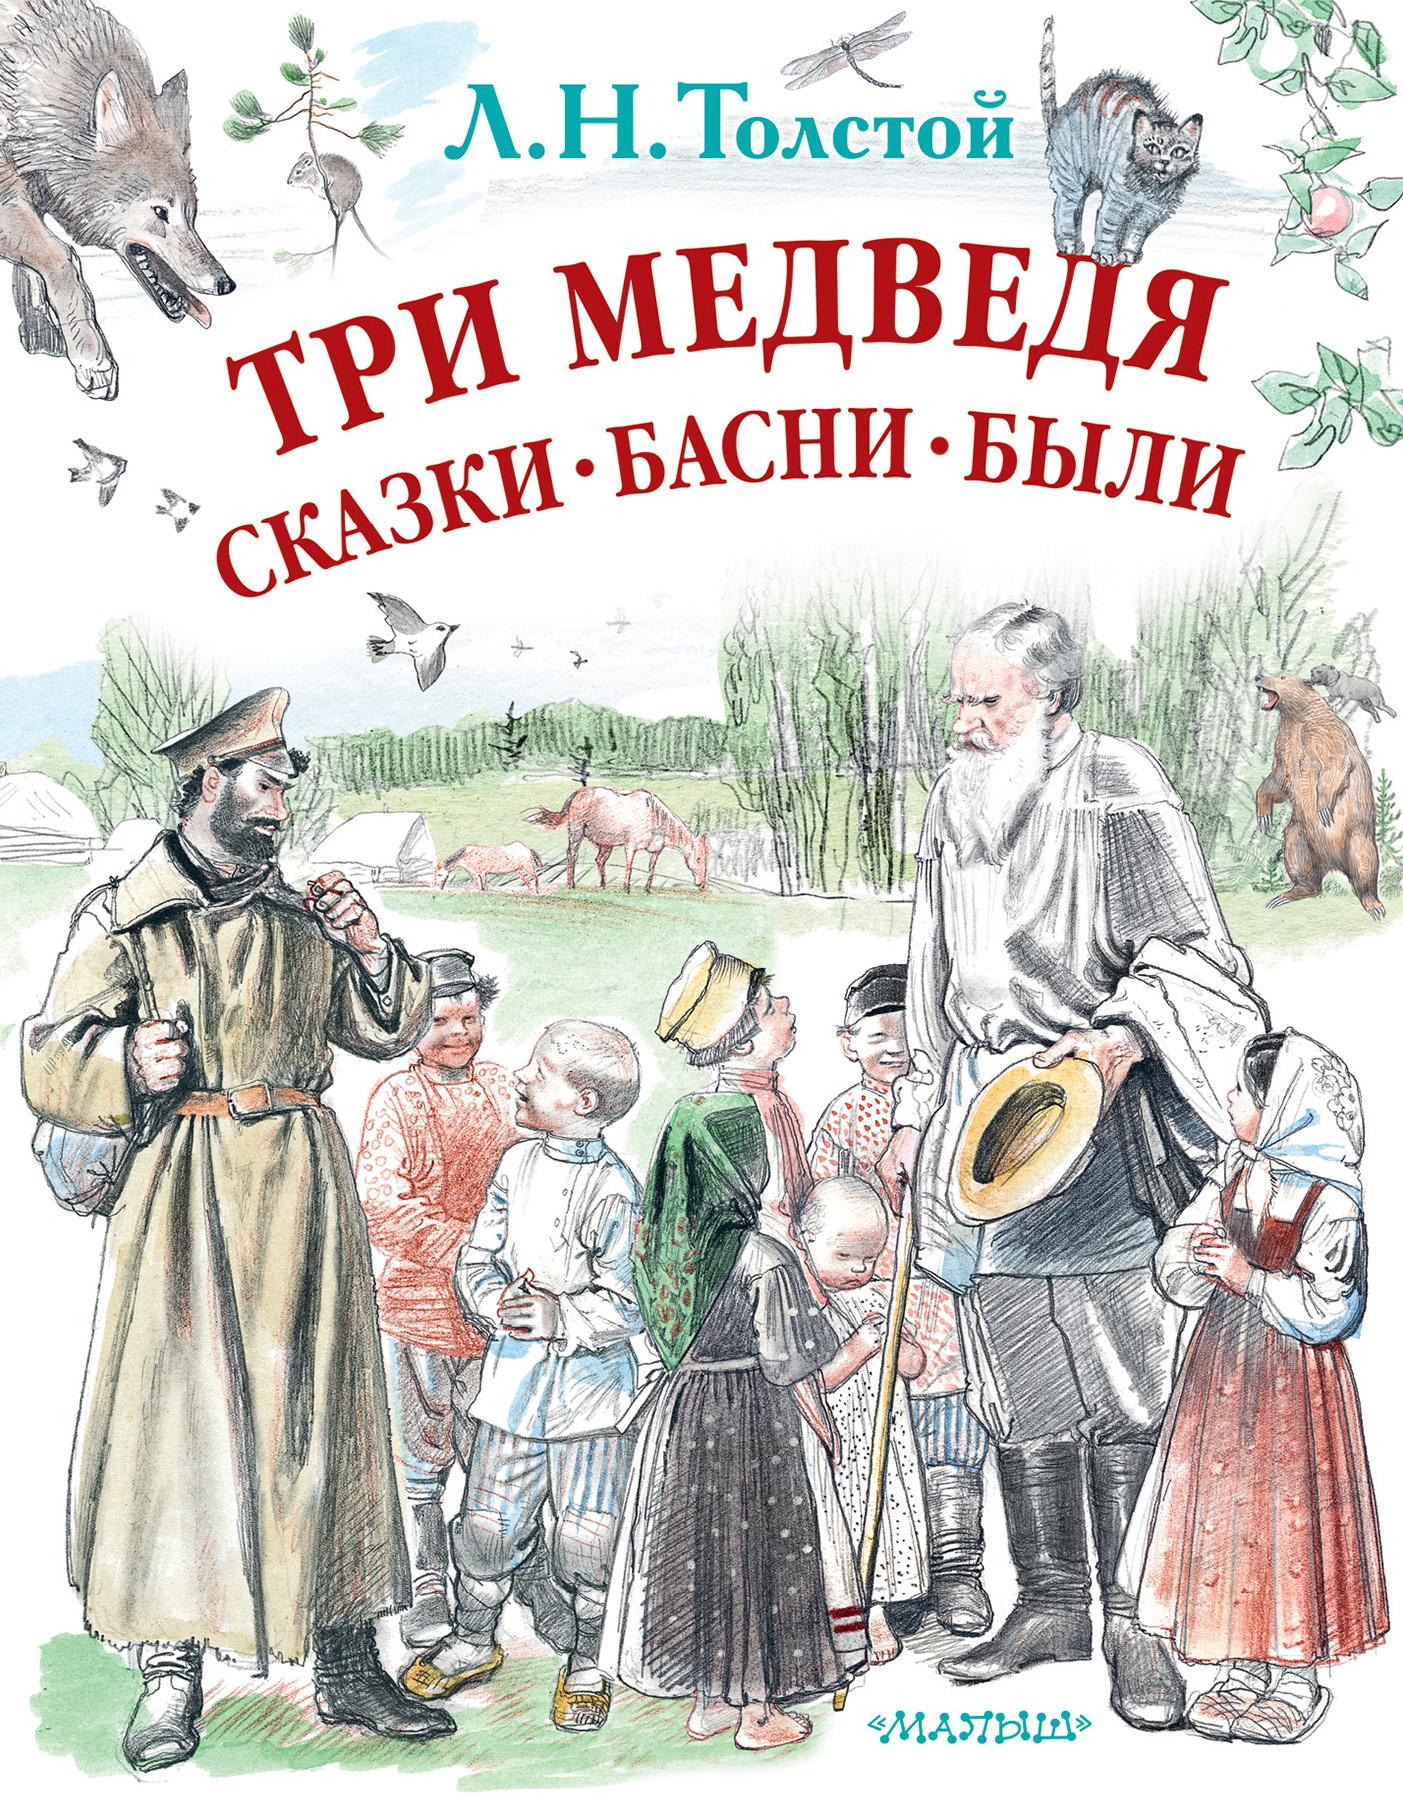 Лев Толстой Три медведя. Сказки, басни, были (сборник)